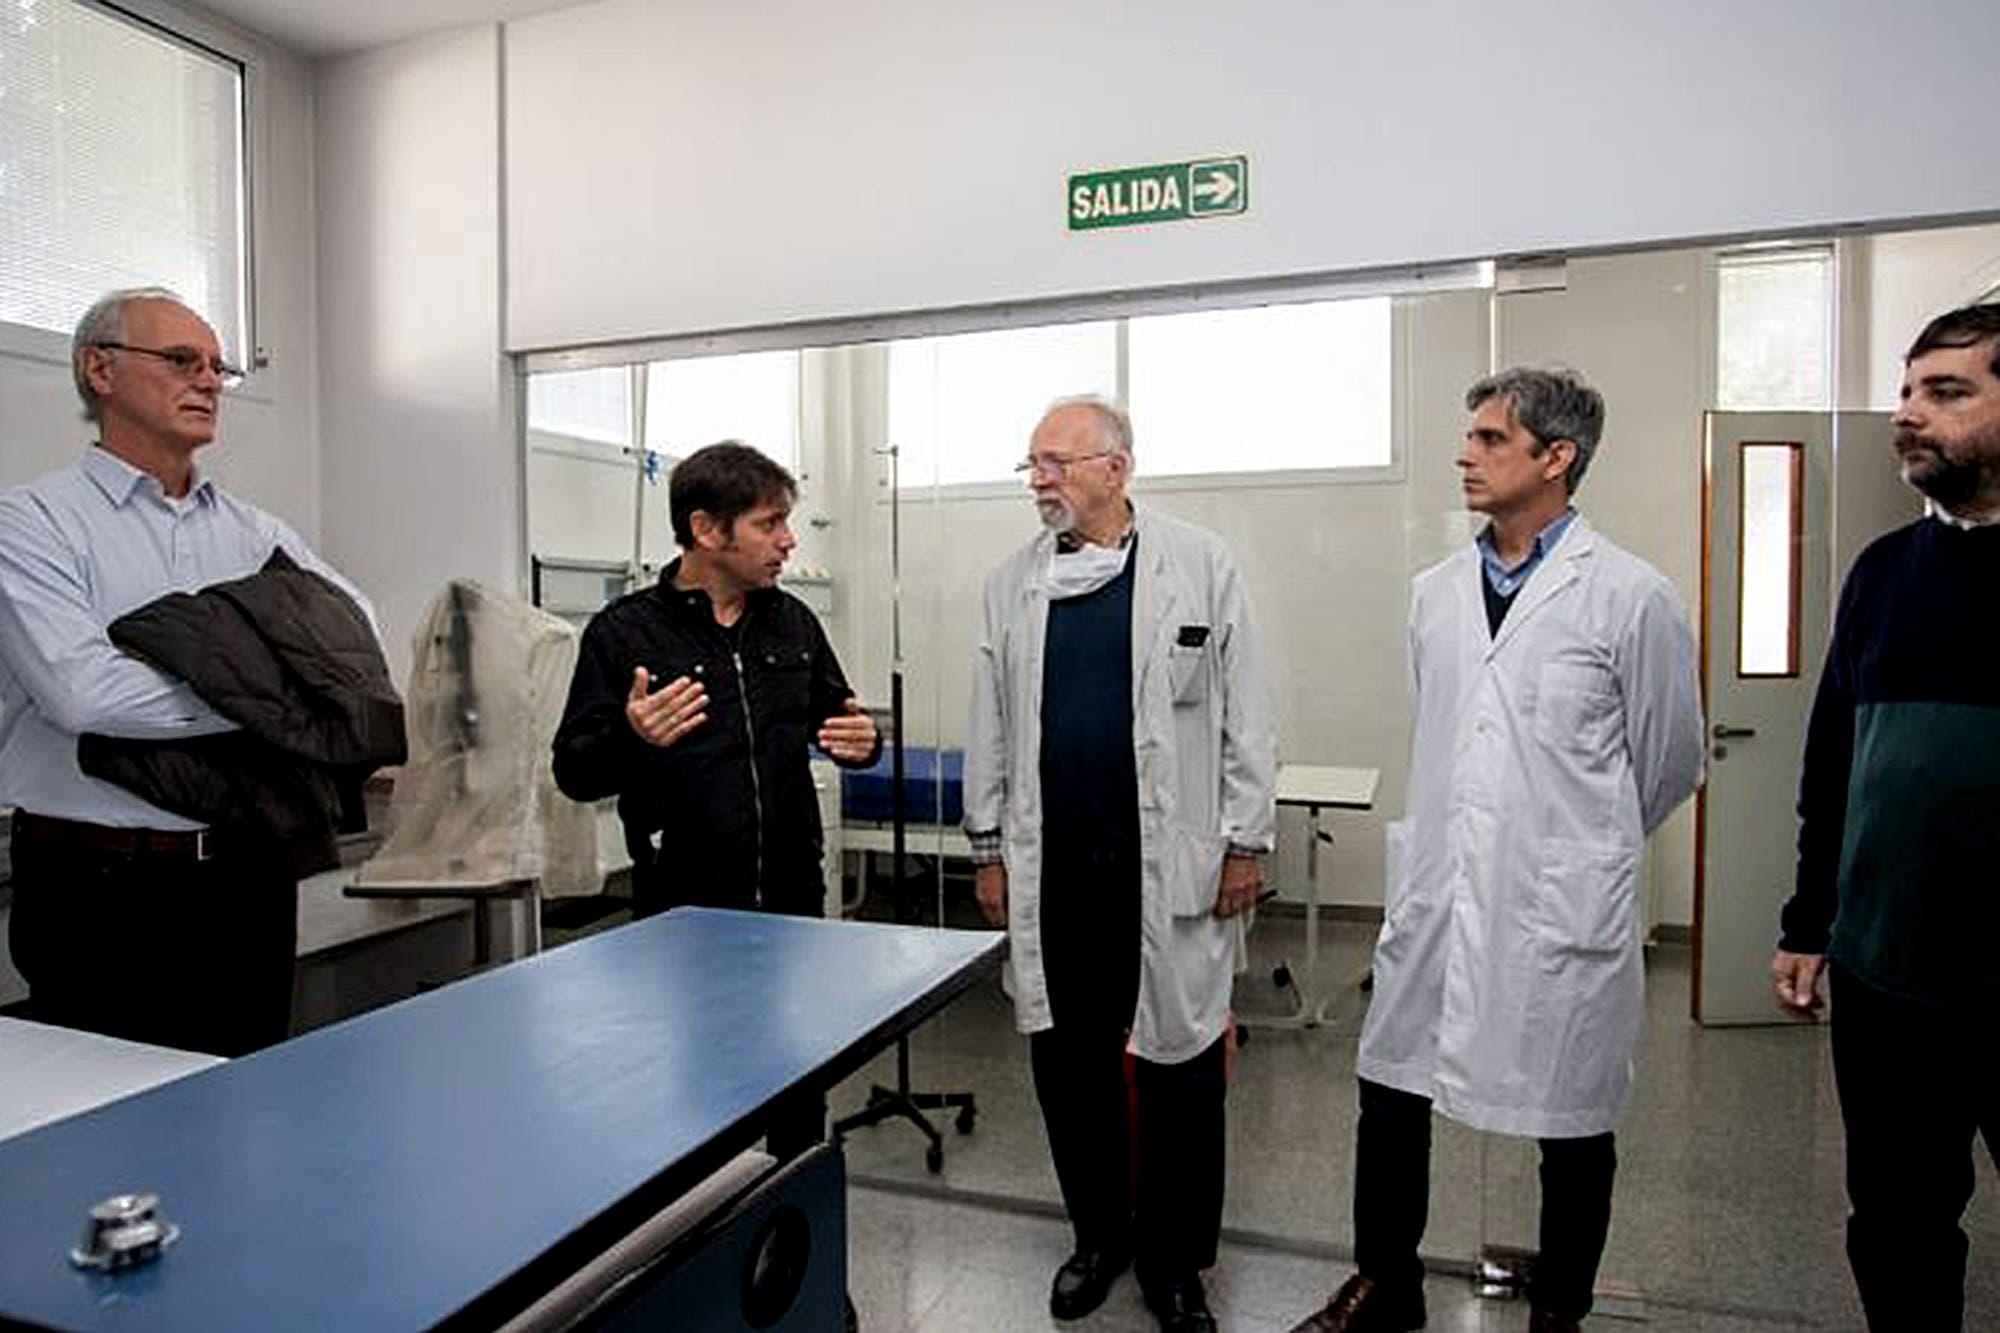 Axel Kicillof no tiene coronavirus: el gobierno le hizo el test y dio negativo